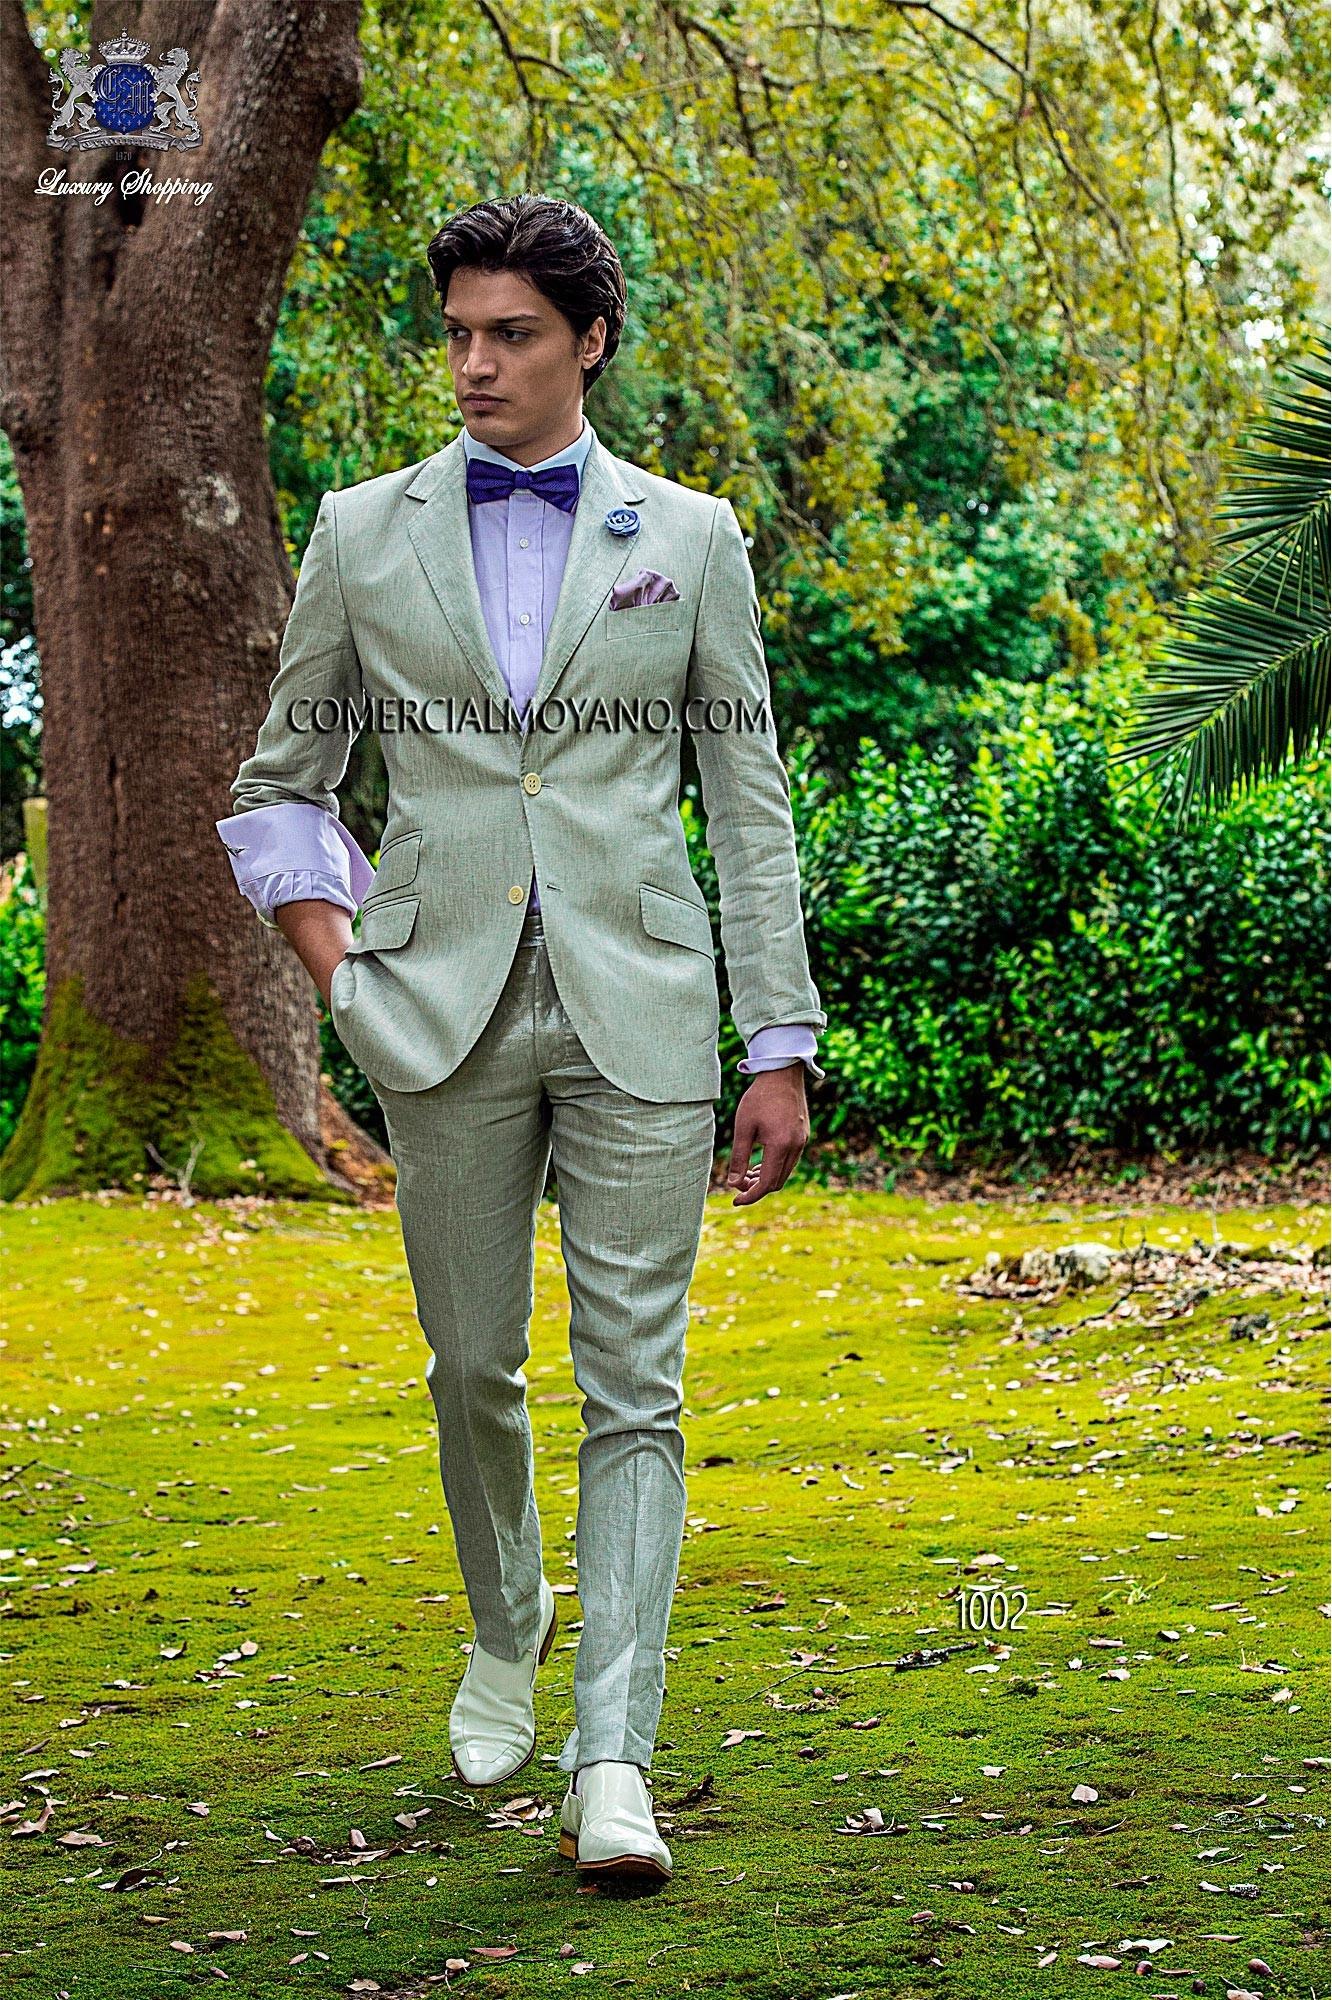 Traje de novio Hipster gris modelo: 1002 Ottavio Nuccio Gala colección Hipster